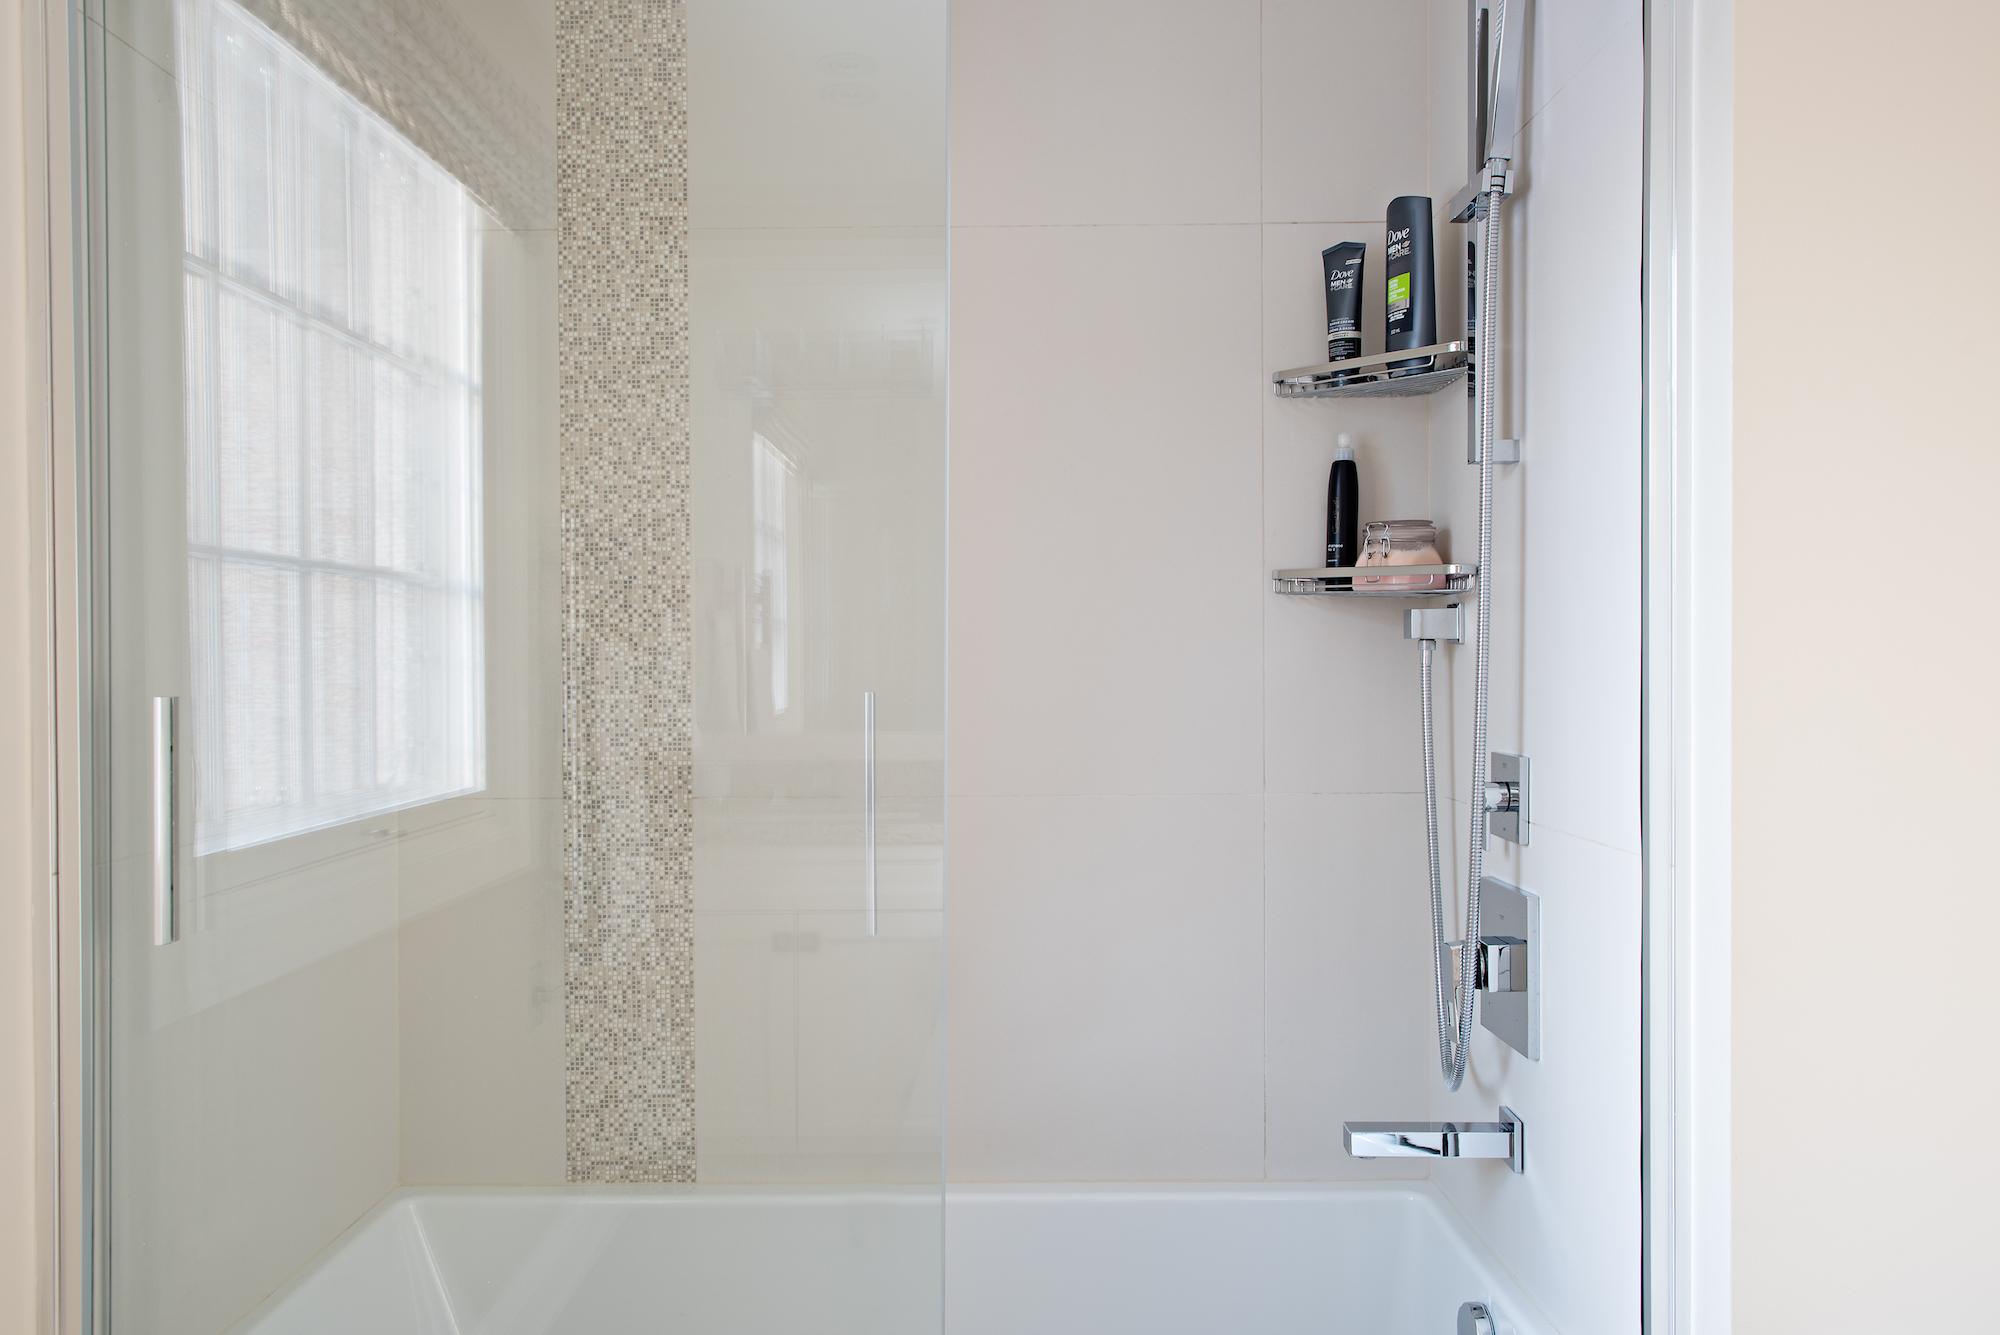 18 Pizzale Design Interior Decorating  bathroom elegant clean simple beige white.jpg